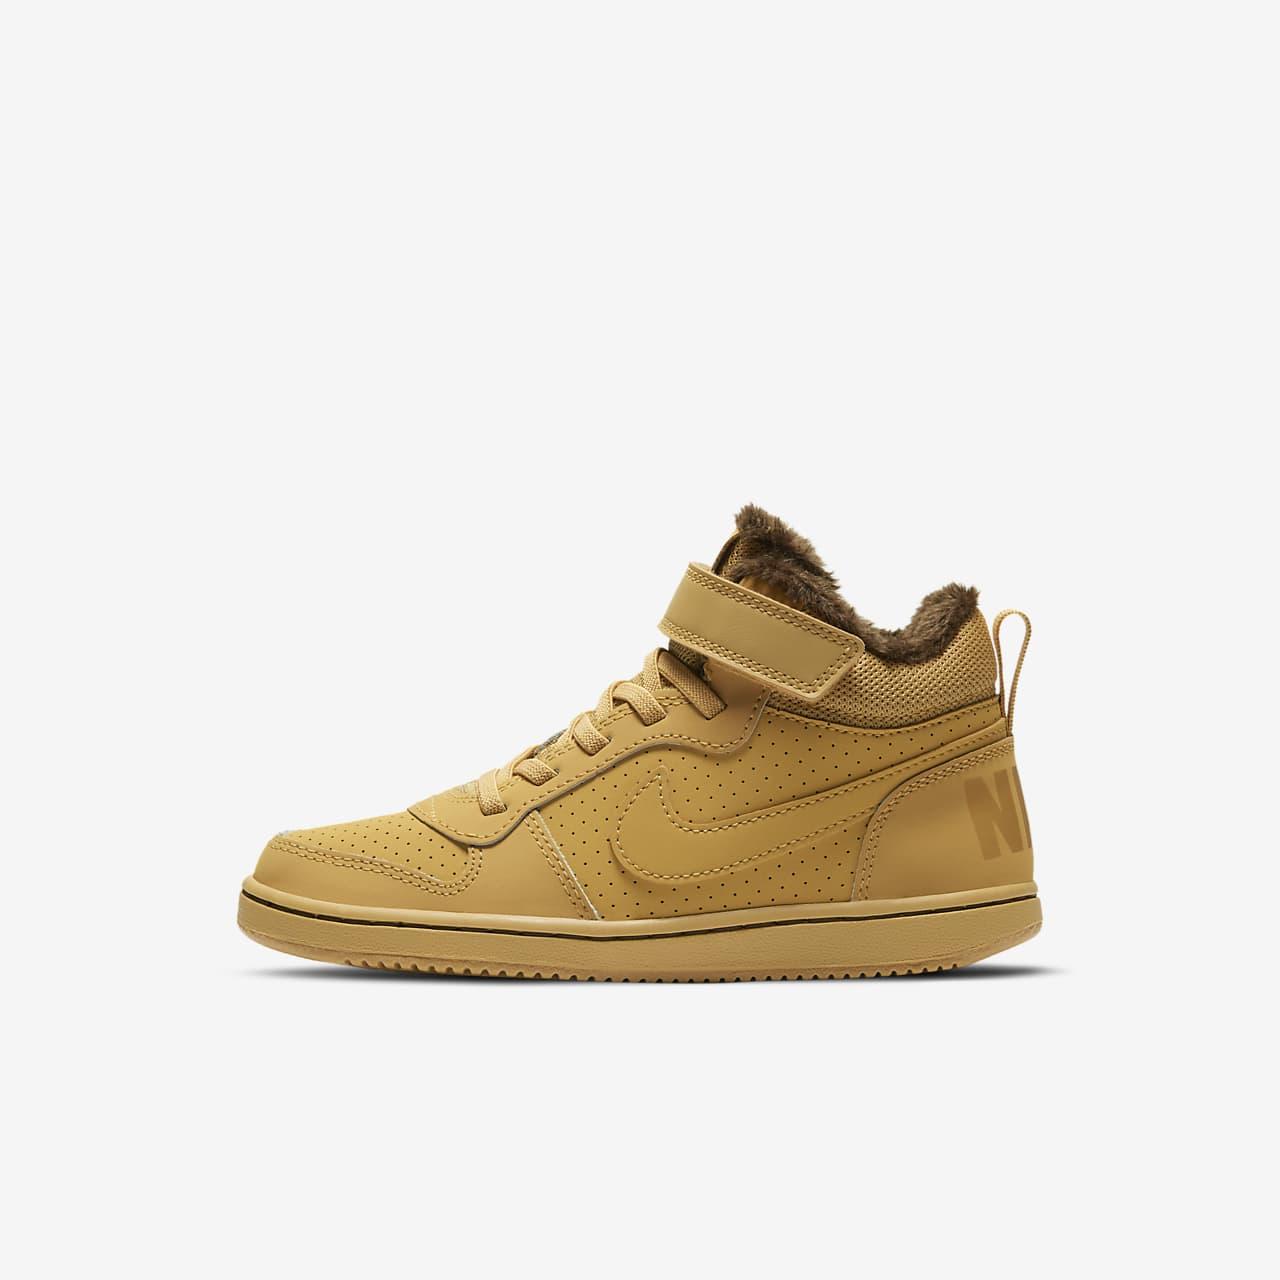 Borough CA Chaussure enfant NikeCourt Jeune Winter Mid pour qx5wTOP50